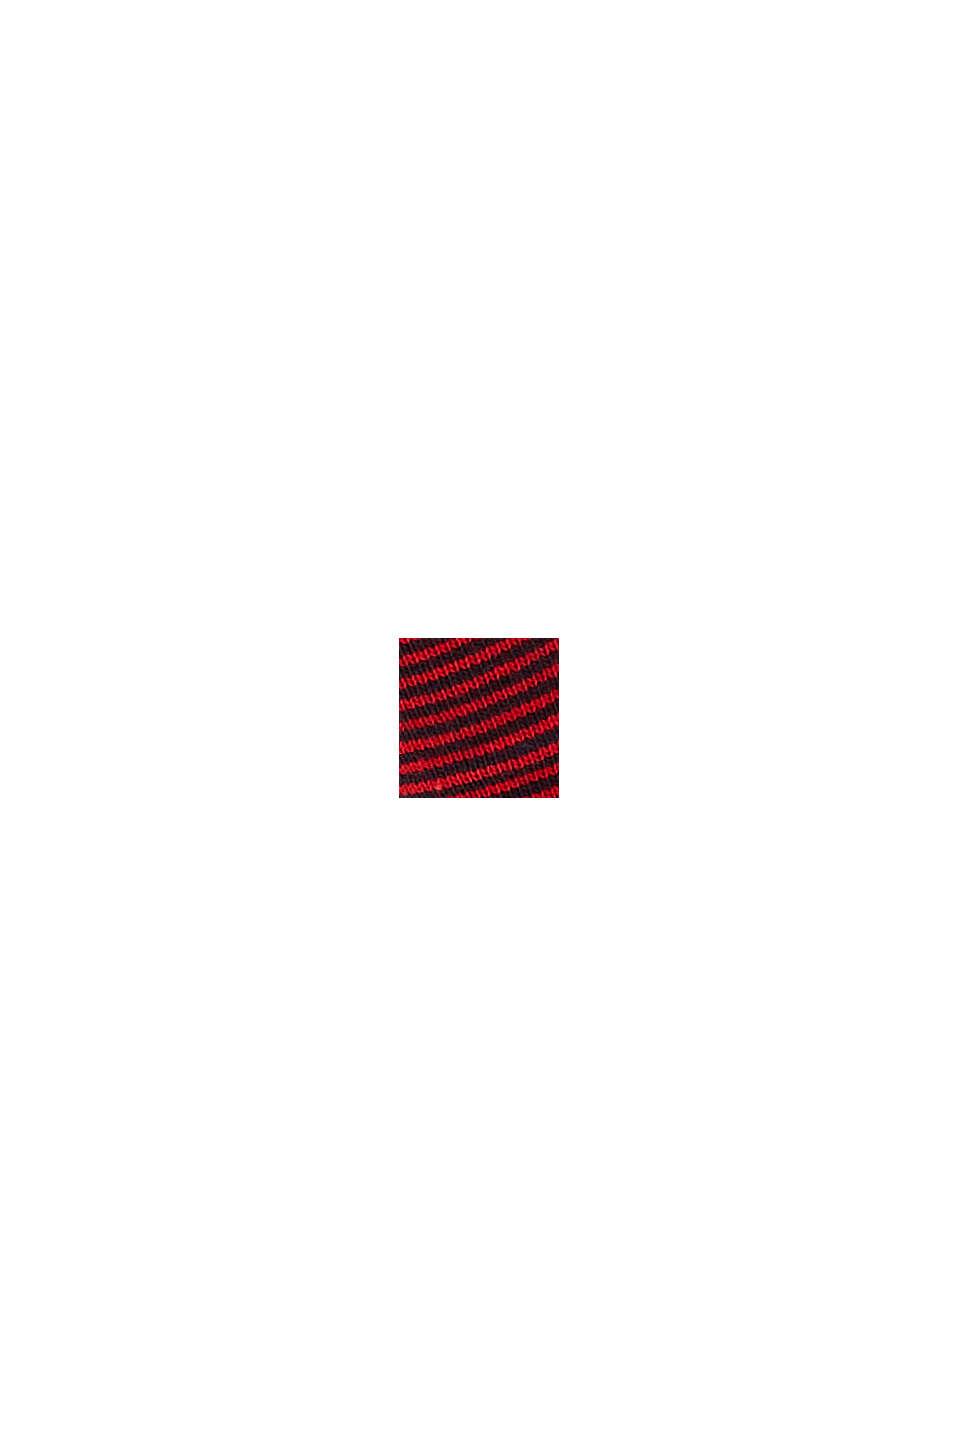 Randiga strumpor i bomullsmix, 2-pack, RED, swatch